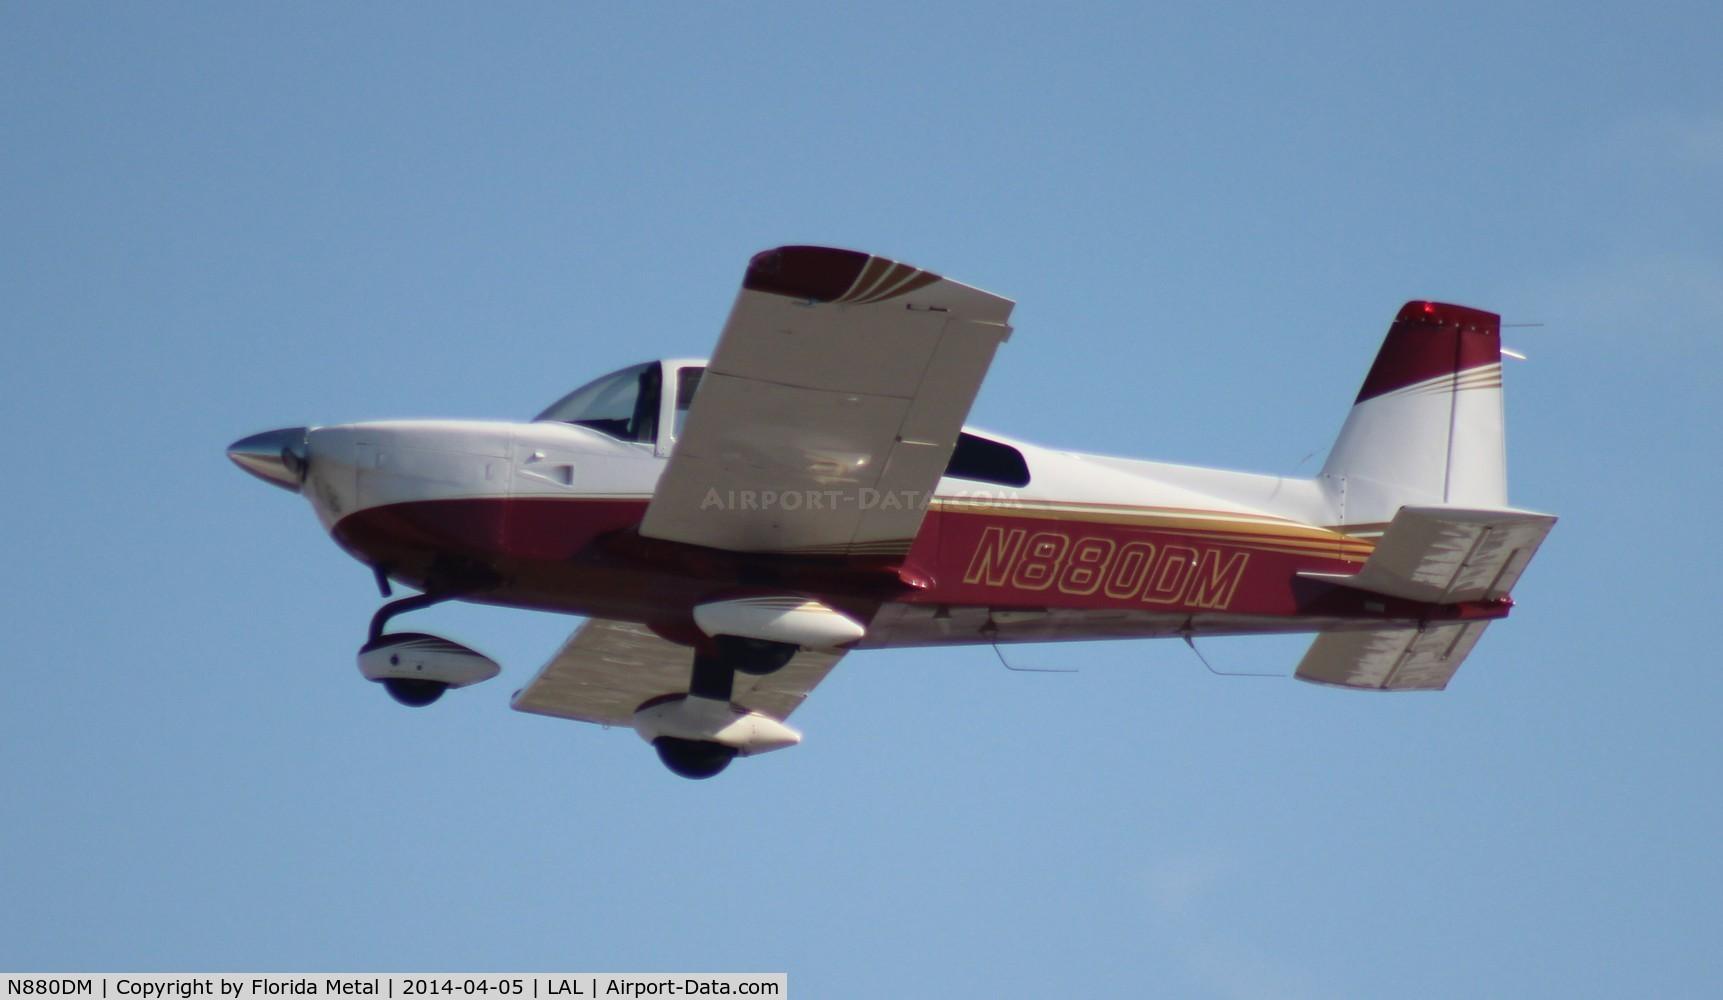 N880DM, Grumman American AA-5B Tiger C/N AA5B-0880, Grumman AA-5B